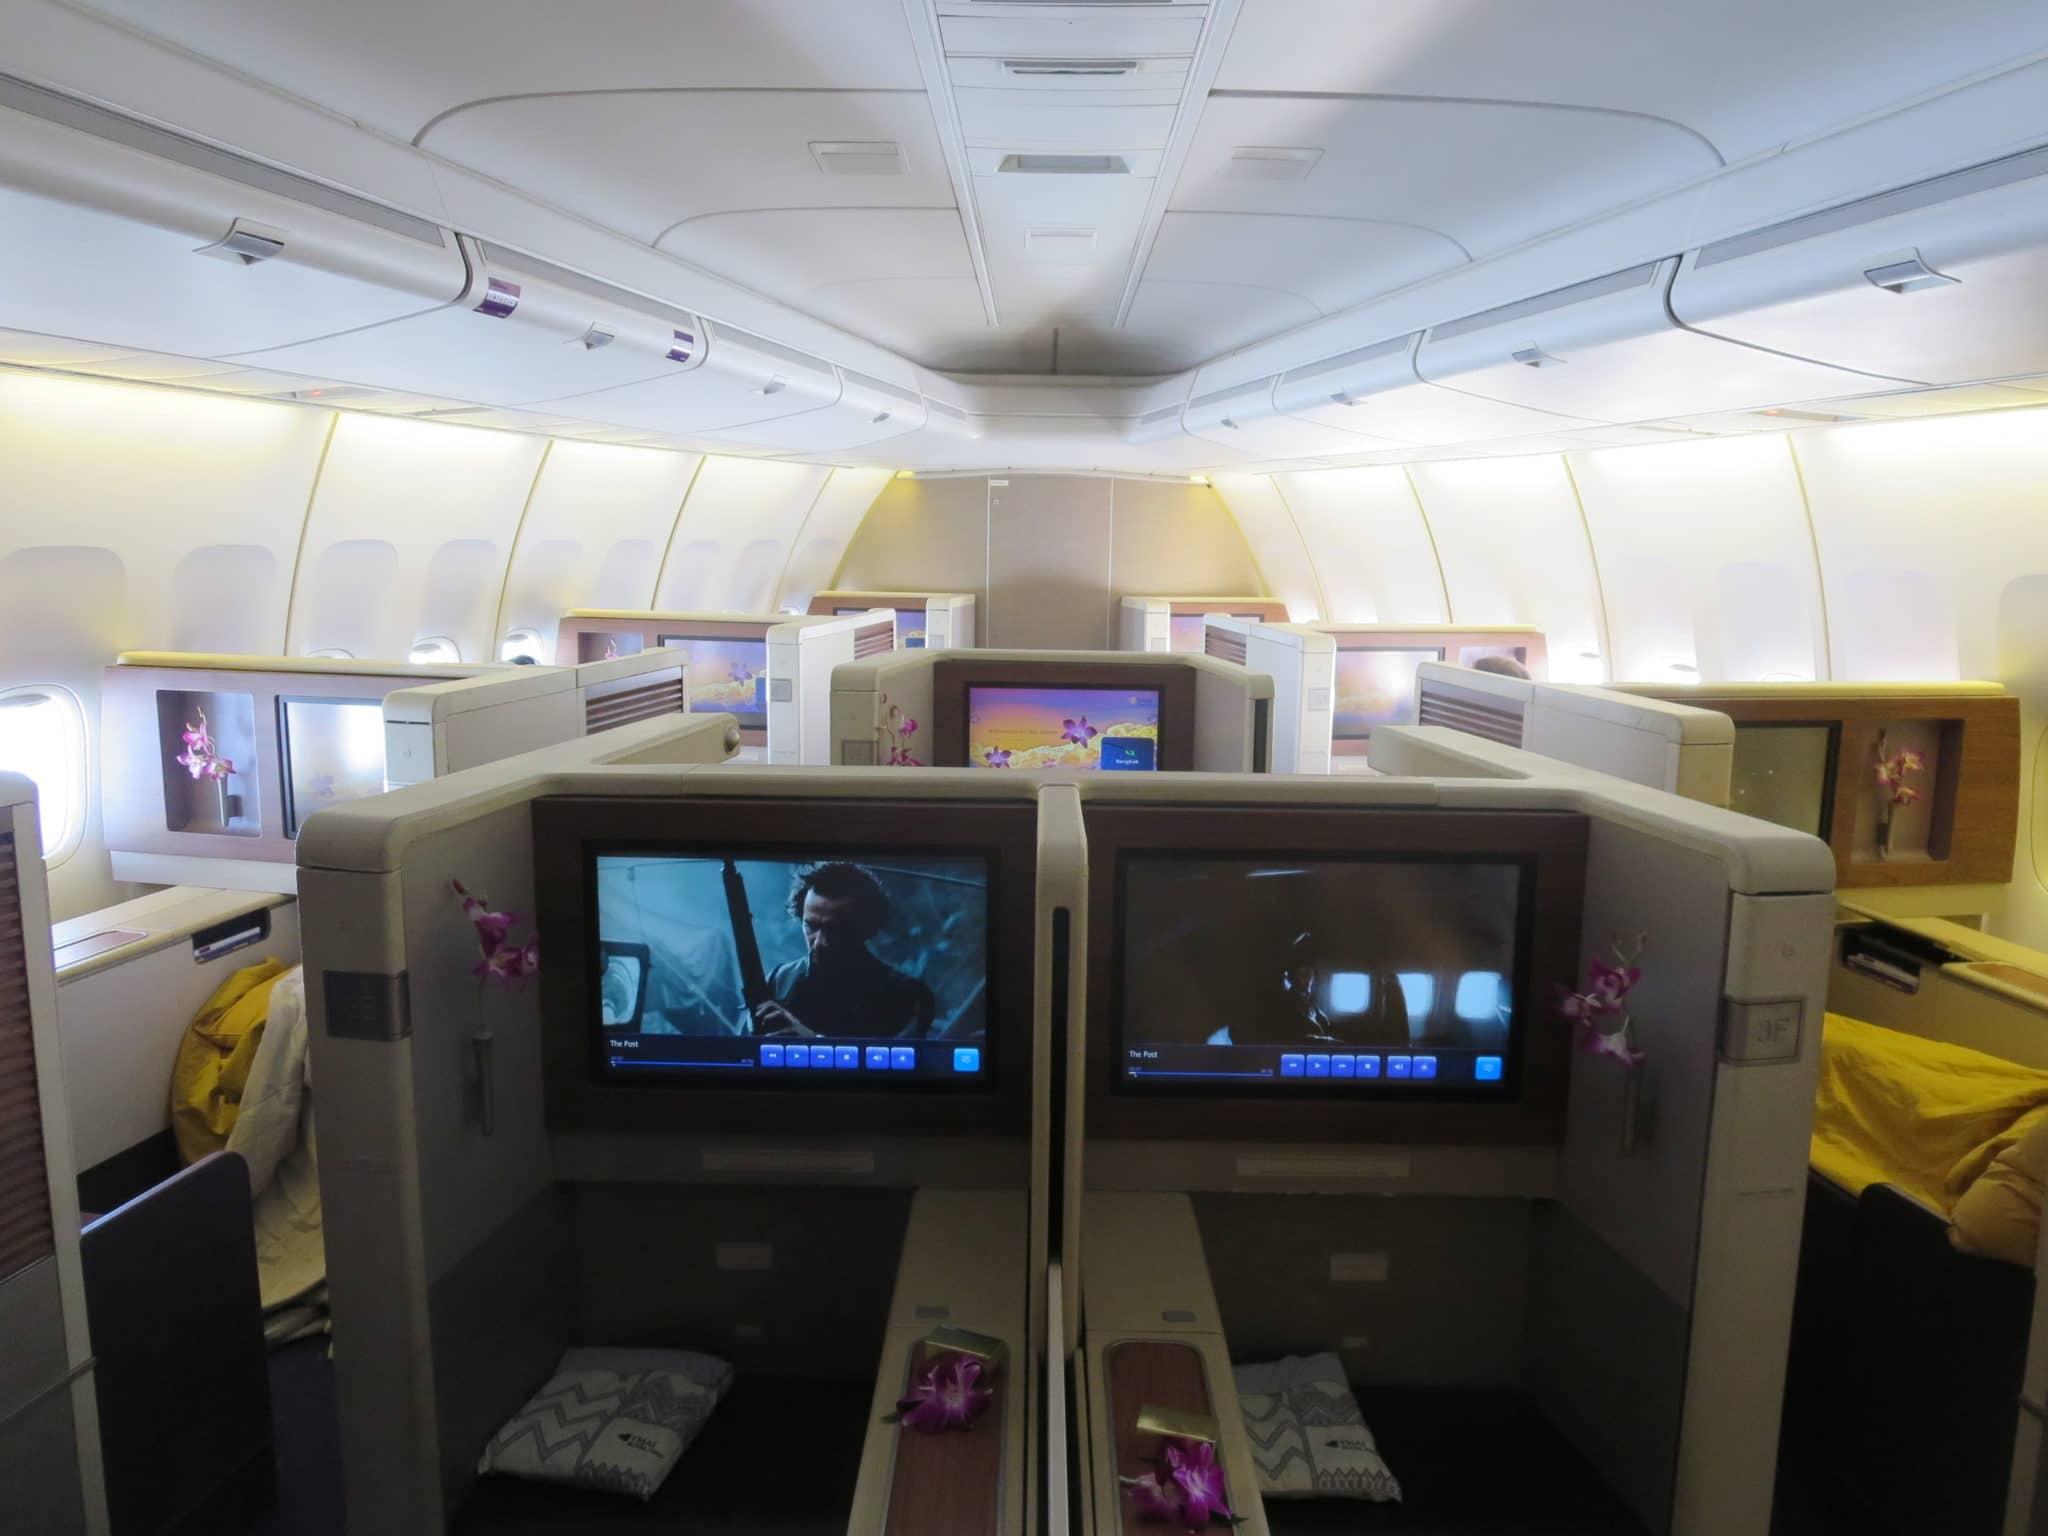 Thai Airways First Class Boeing 747 Kabine